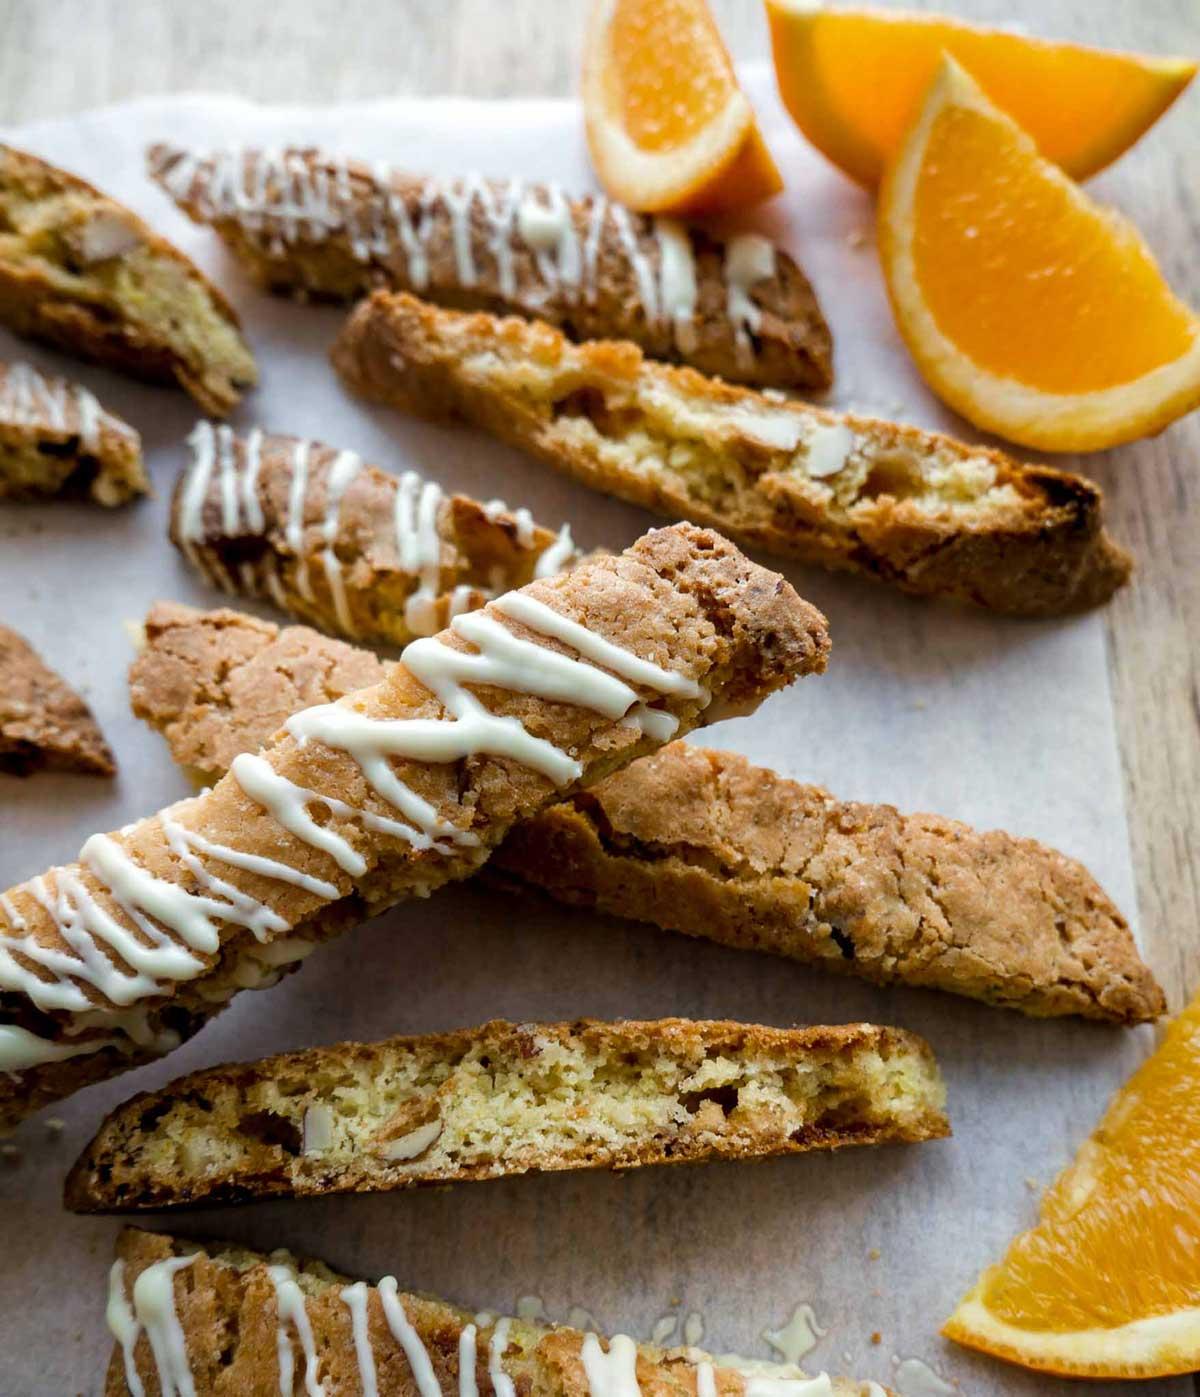 appelsin-biscotti-kager-veganske-smaakager